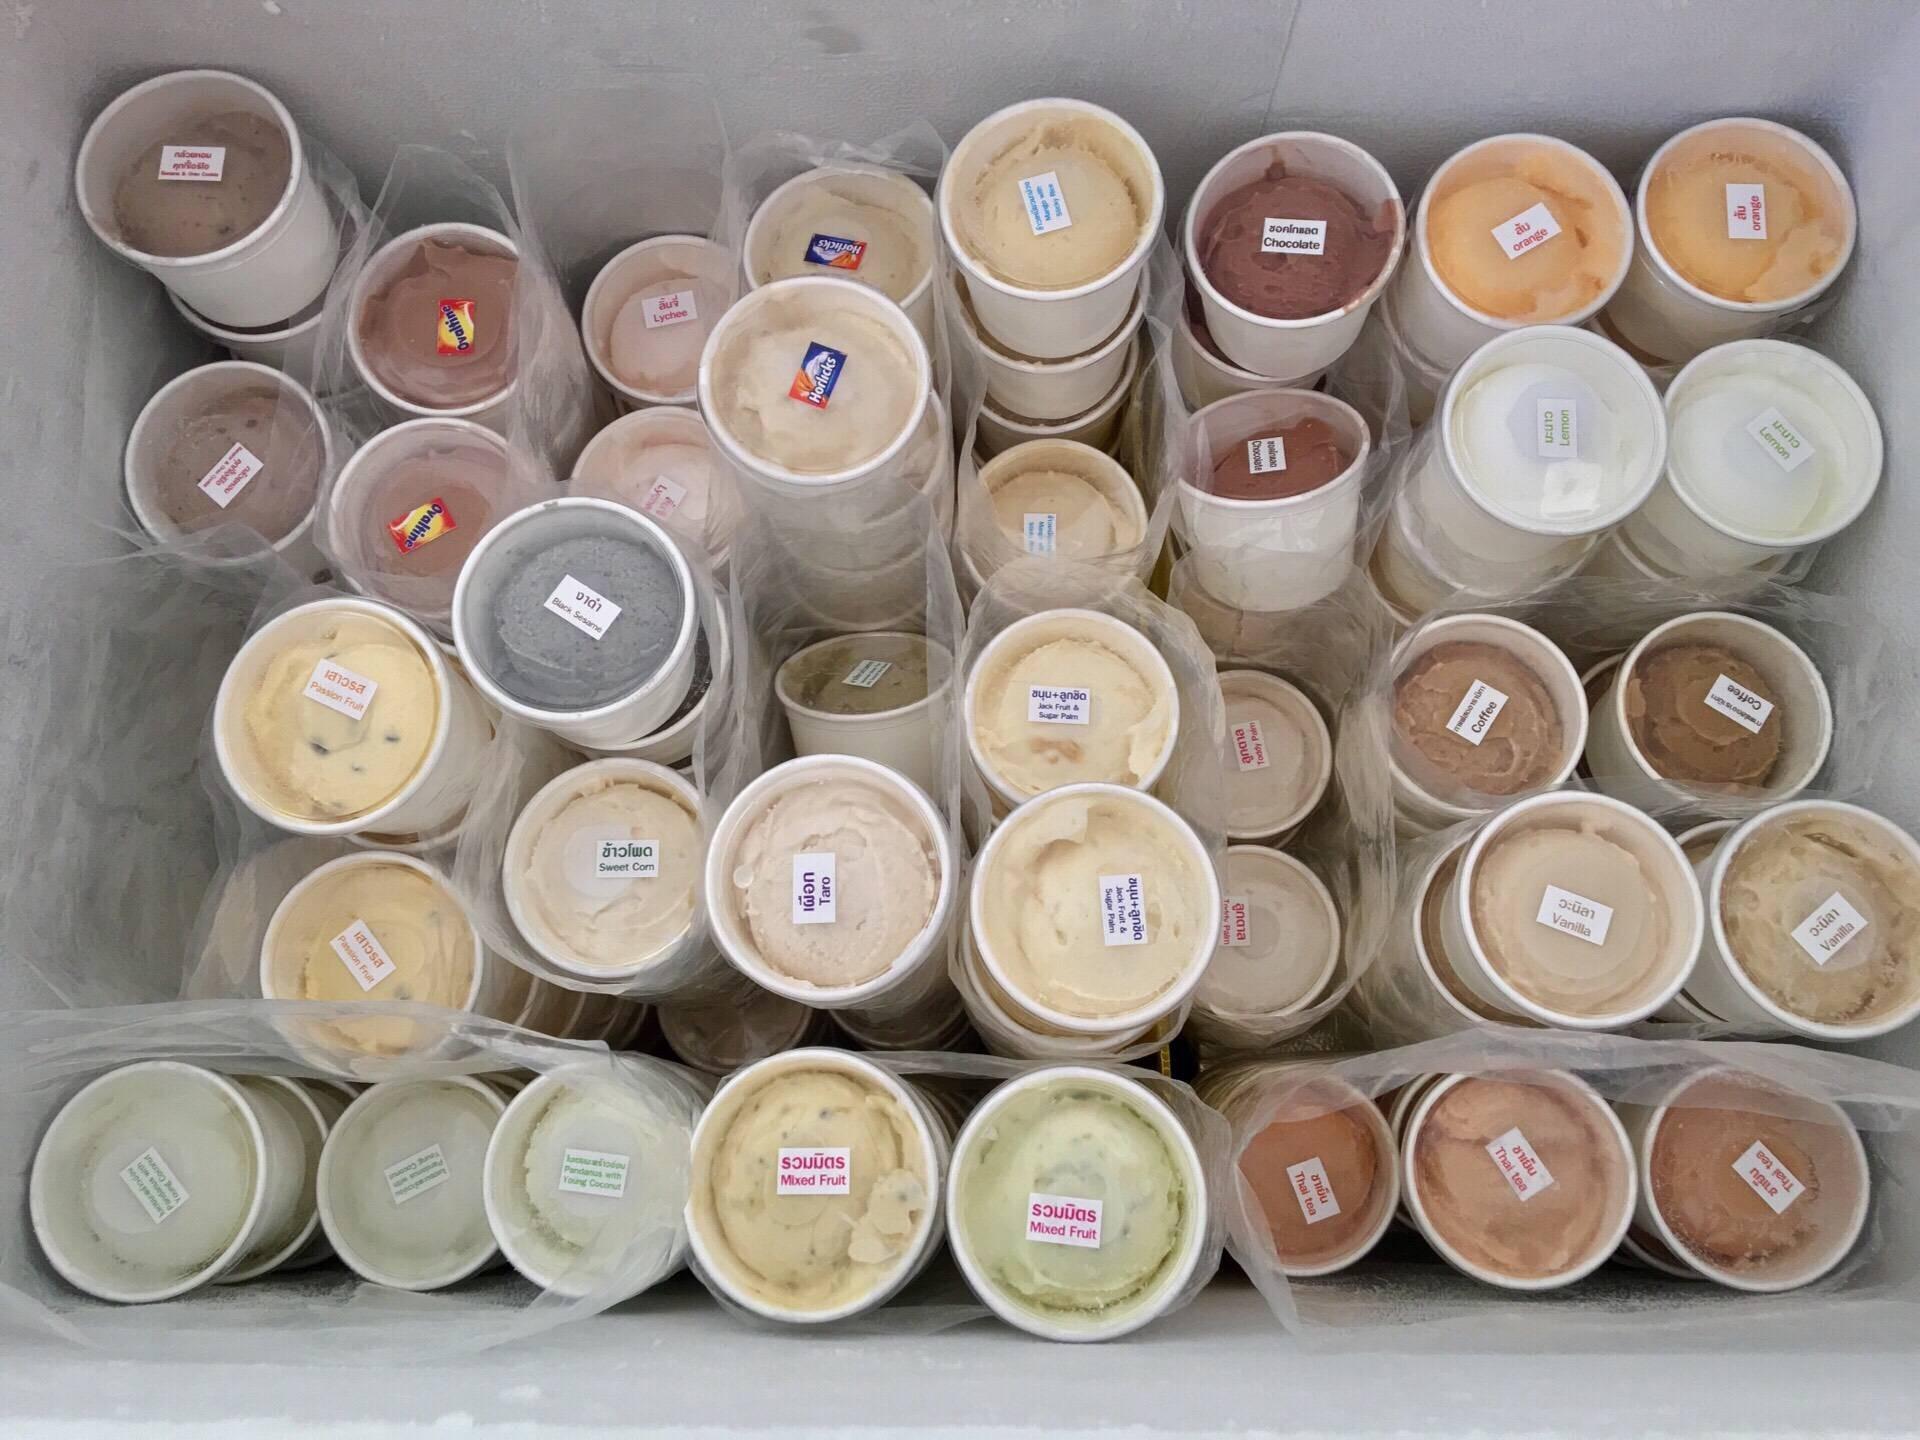 ในตู้มีหลายรสให้เลือก